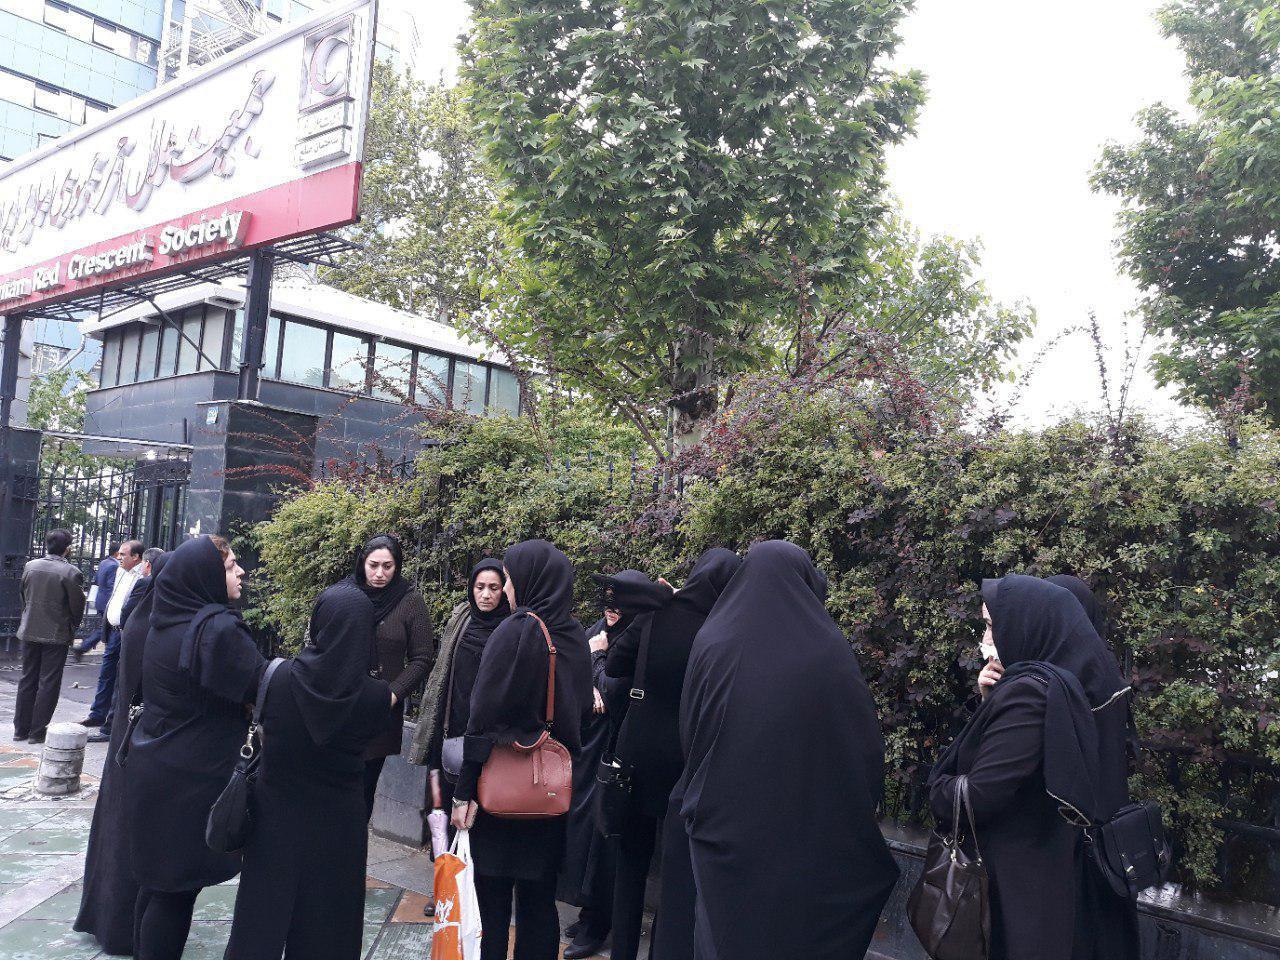 تجمع اعتراضی خانوادههای جانباختگان سقوط هواپیما +عکس